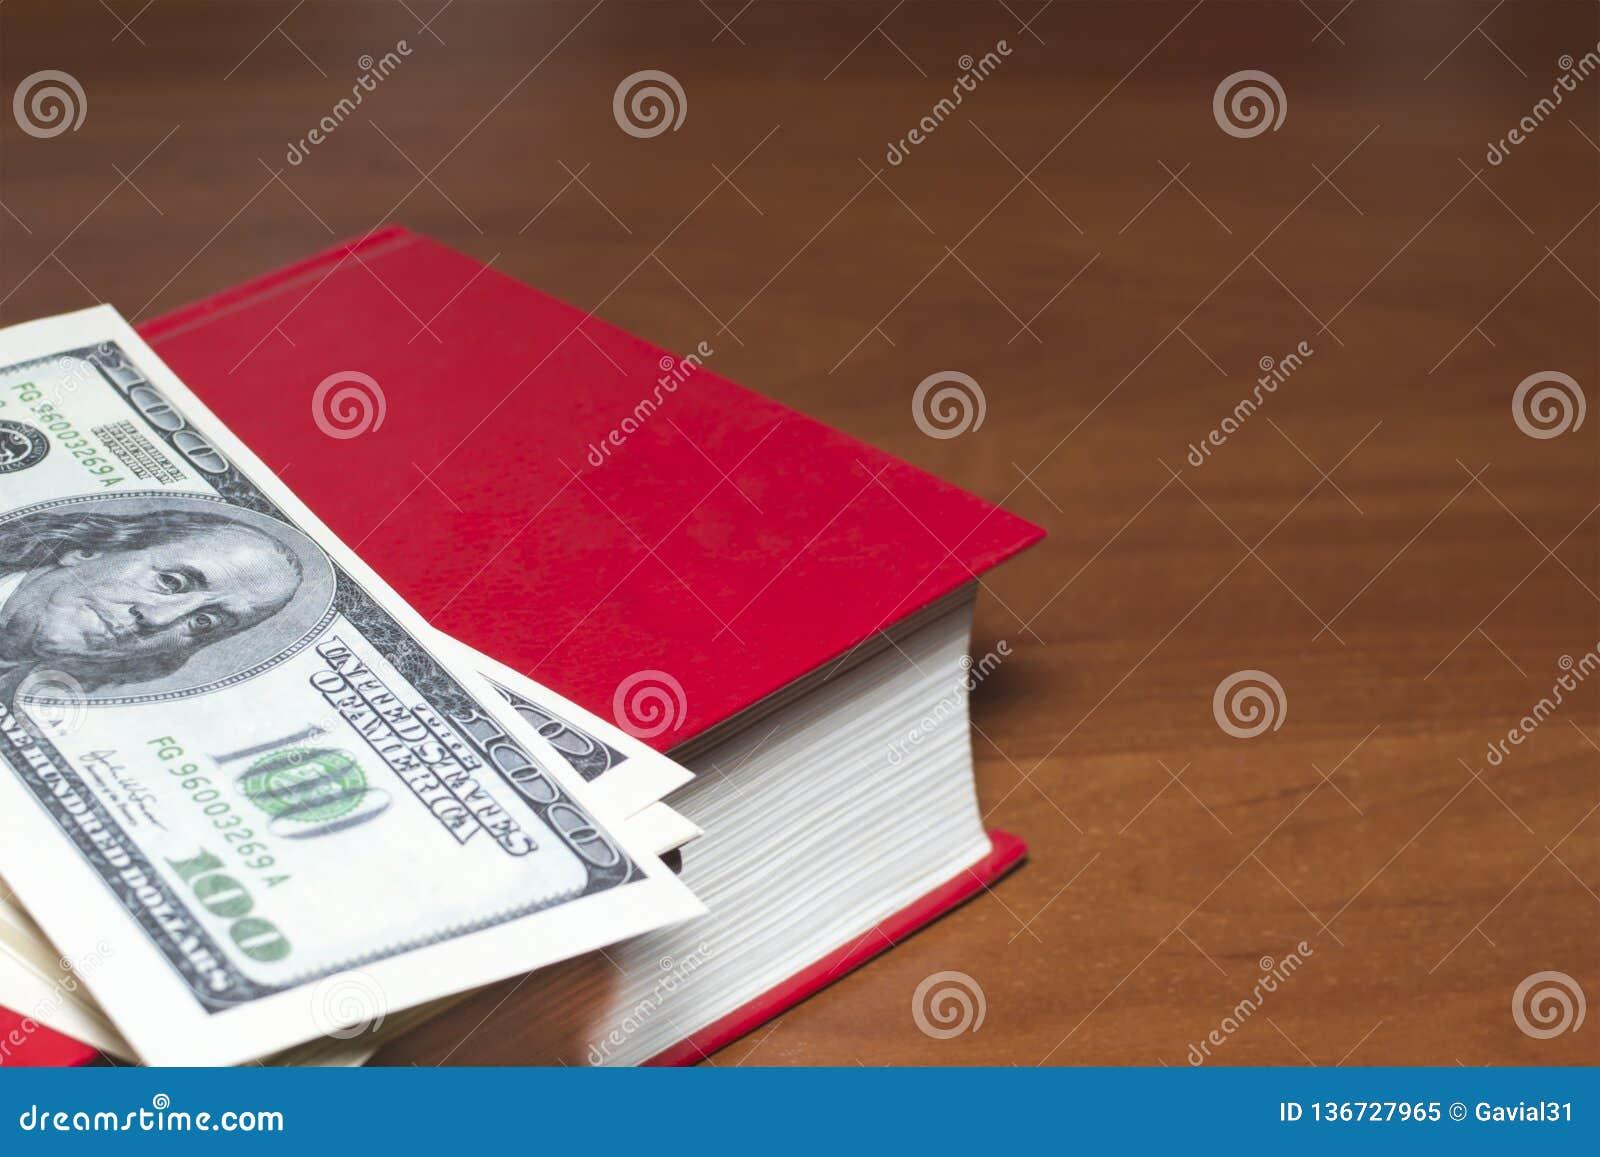 Heel wat dollars op een rood boek Model De ruimte van het exemplaar